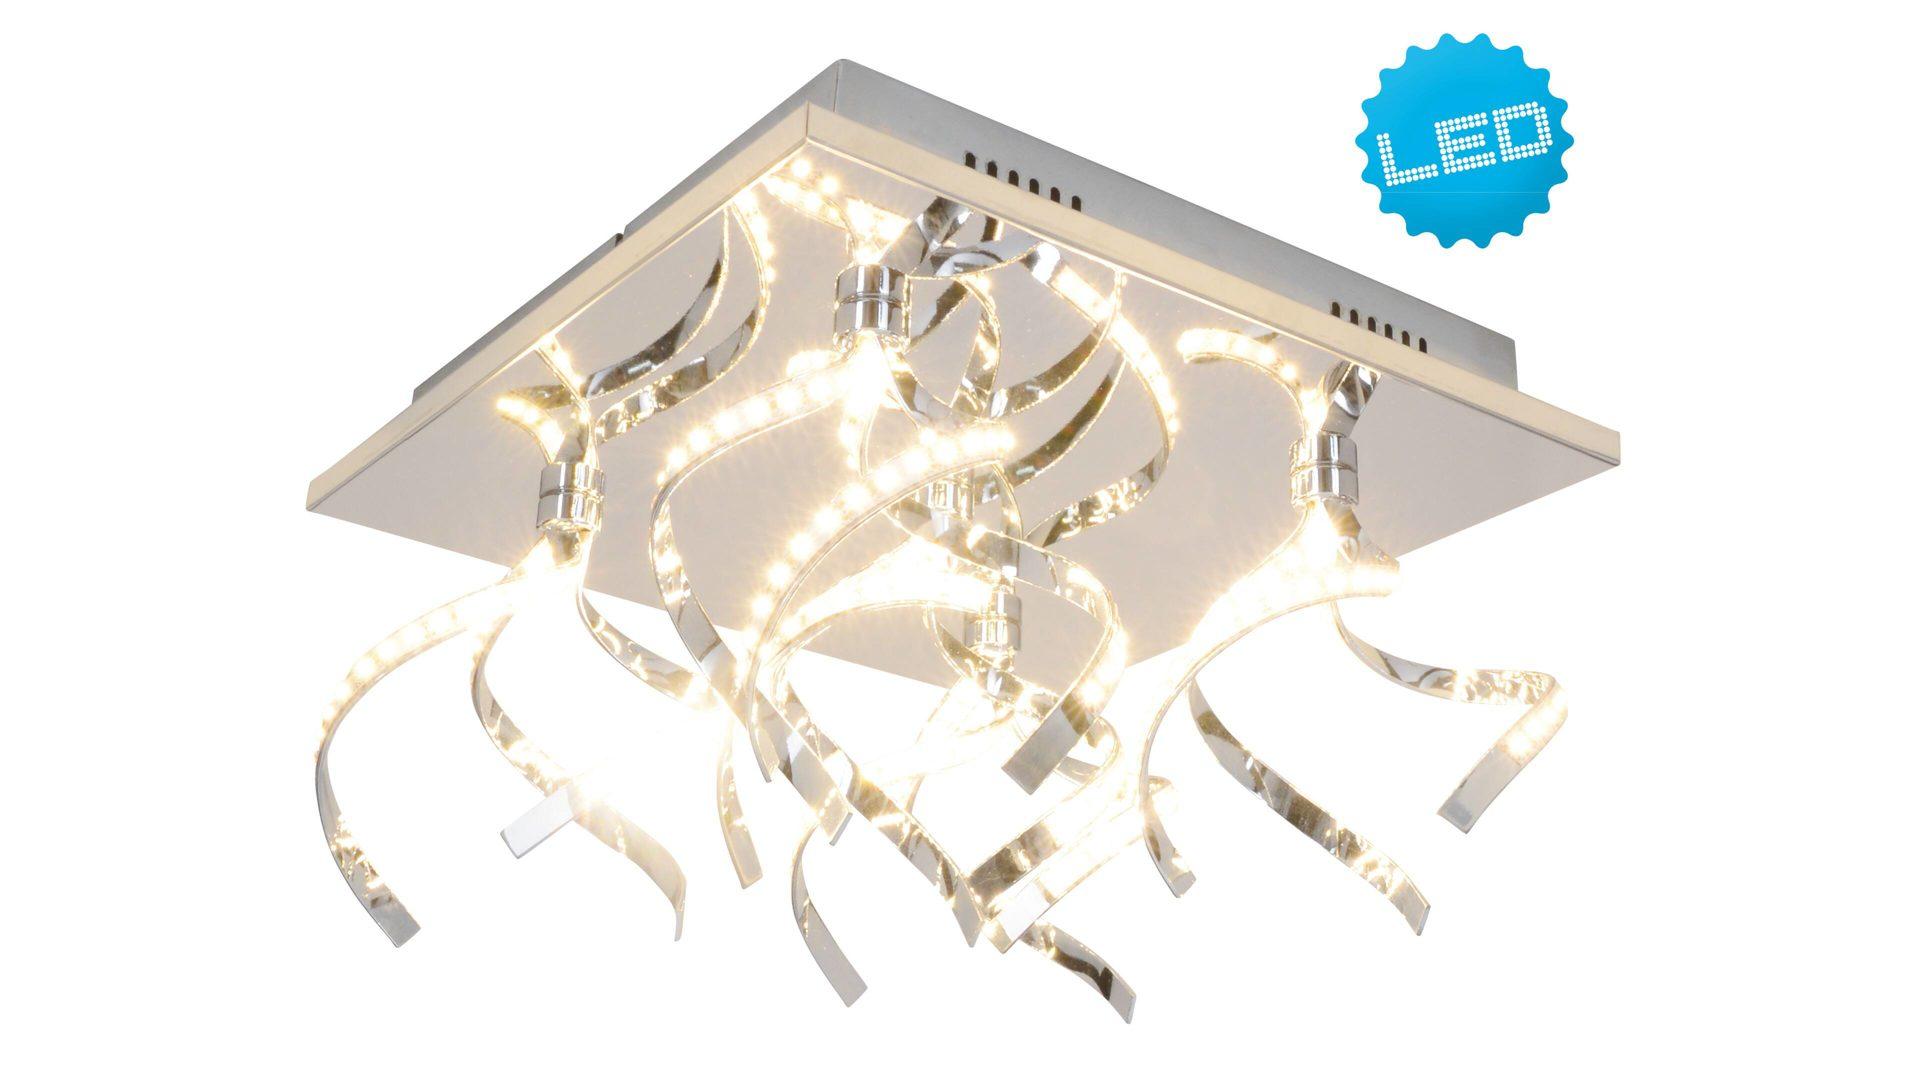 Möbel Eilers Apen, Räume, Wohnzimmer, Lampen + Leuchten, näve, näve ...